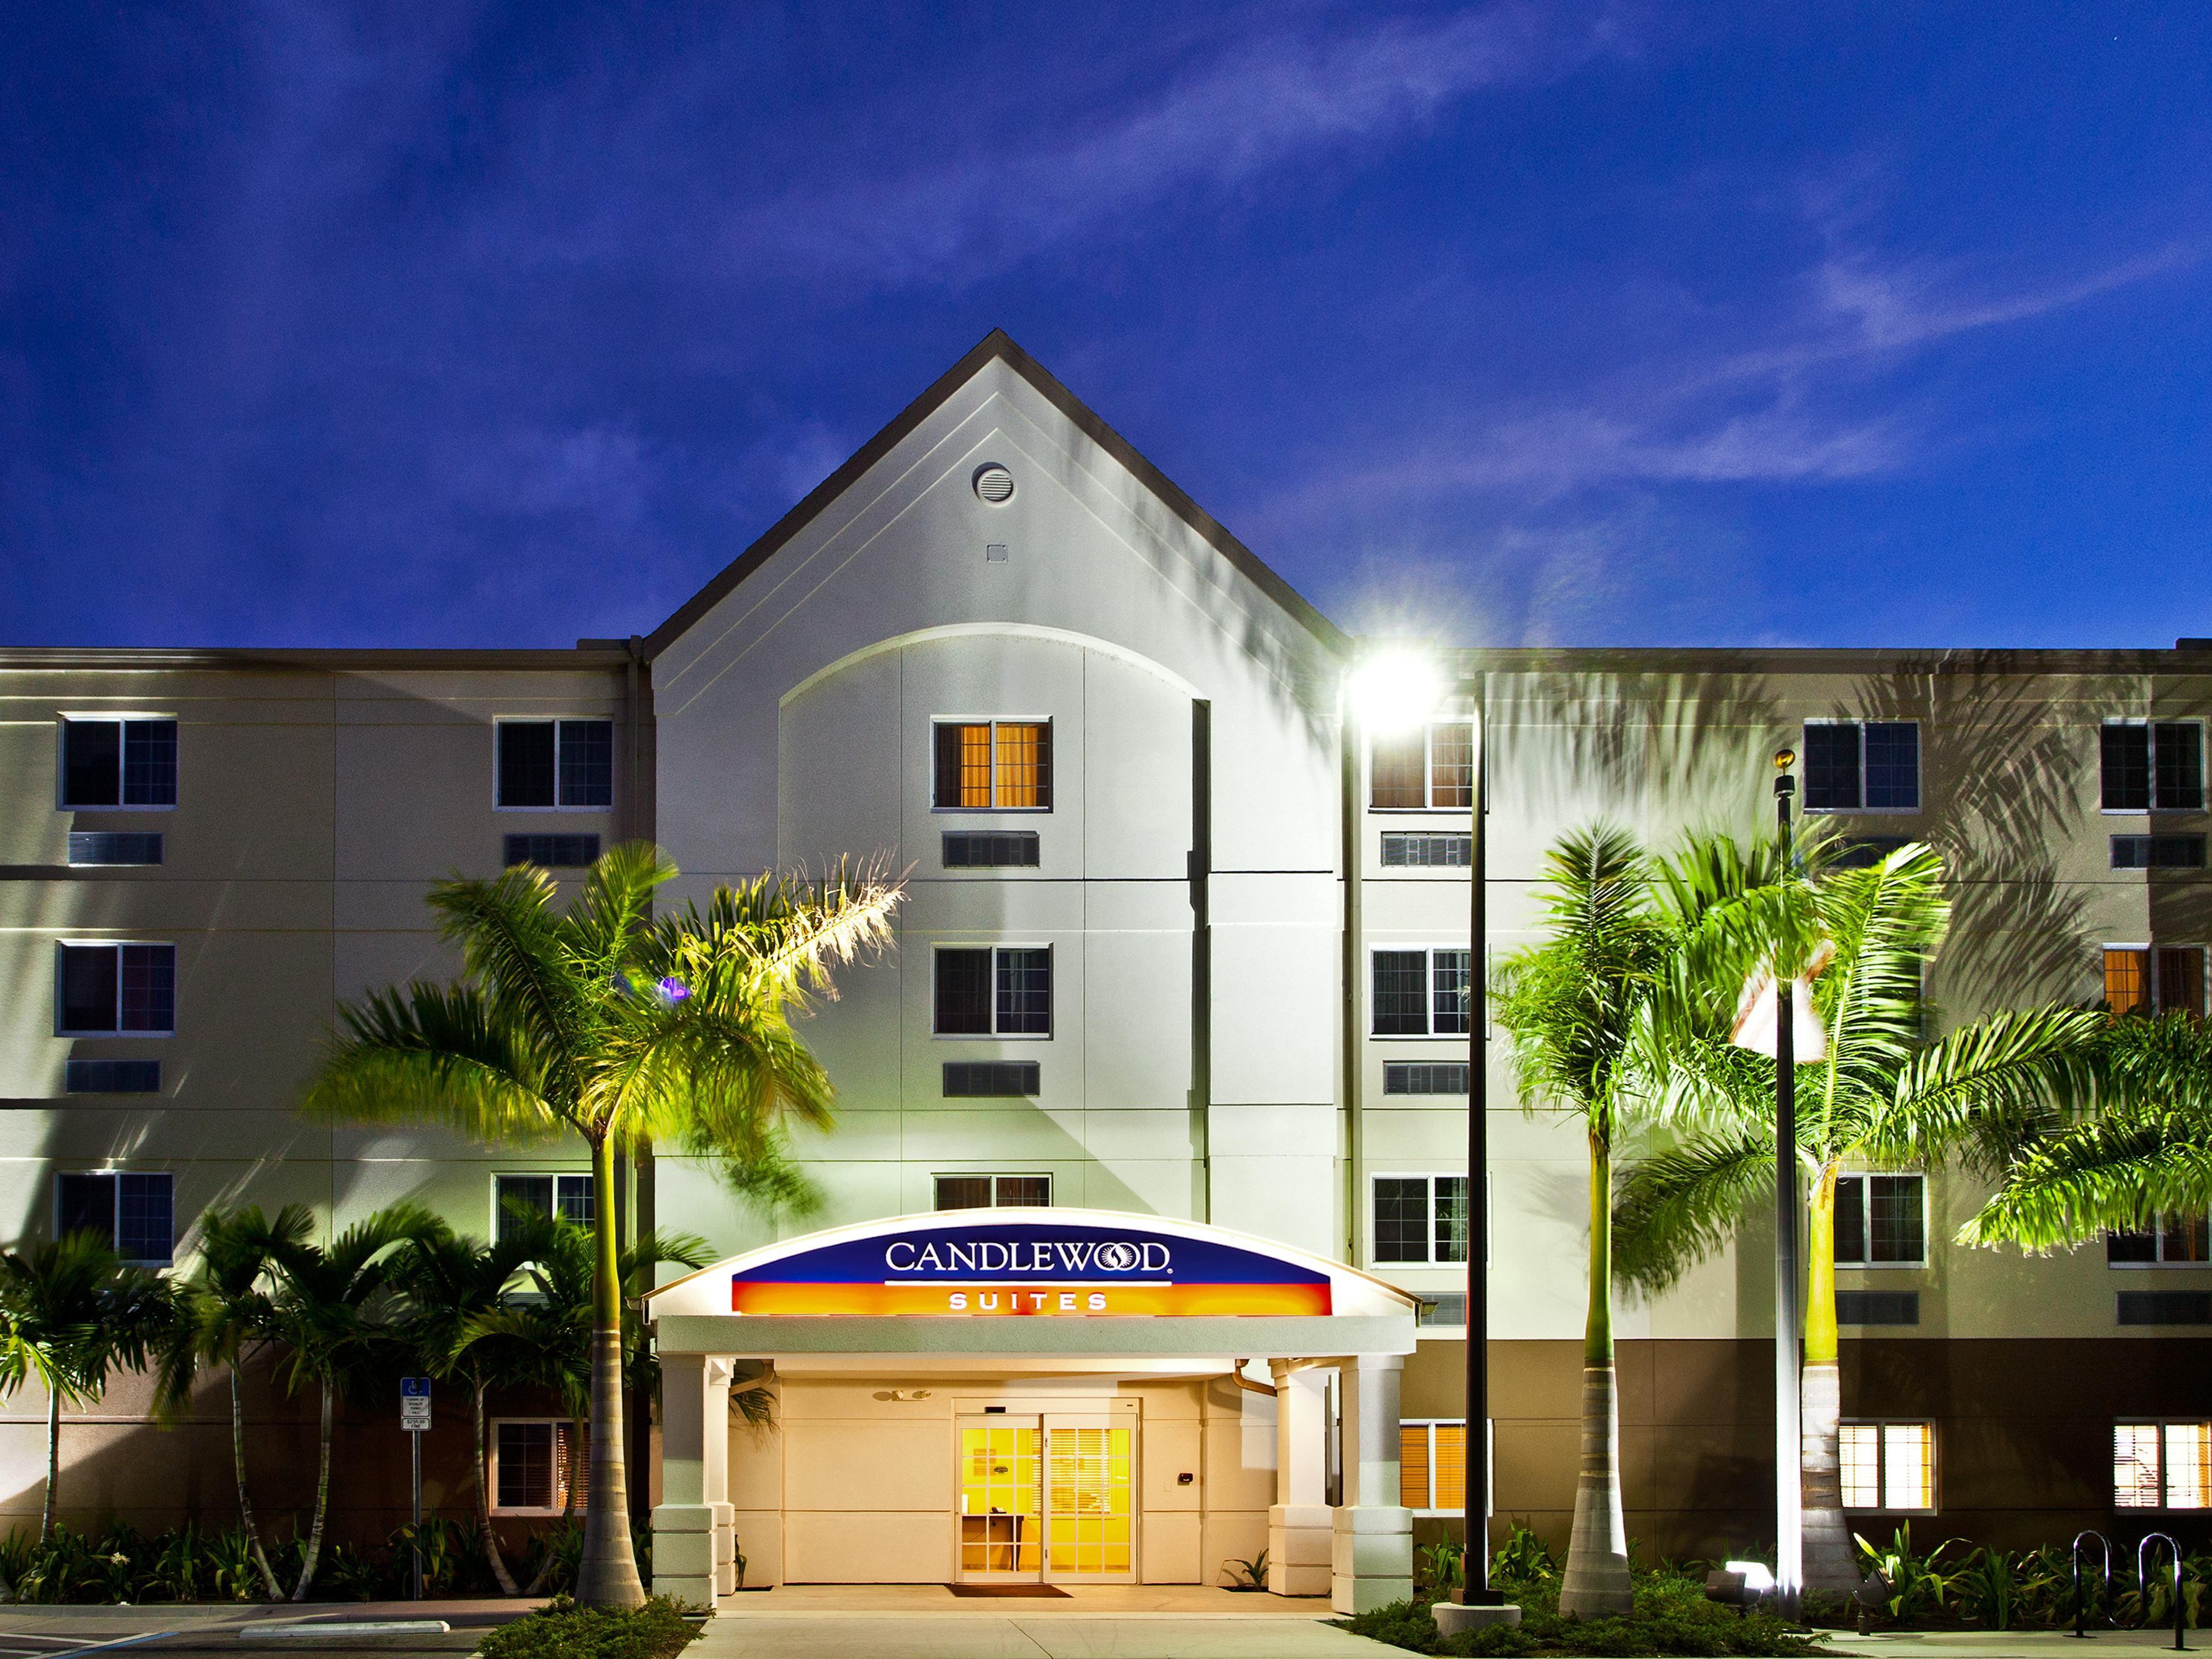 Hoteles de playa en Cape Coral | Las 7 mejores ofertas y opiniones ...